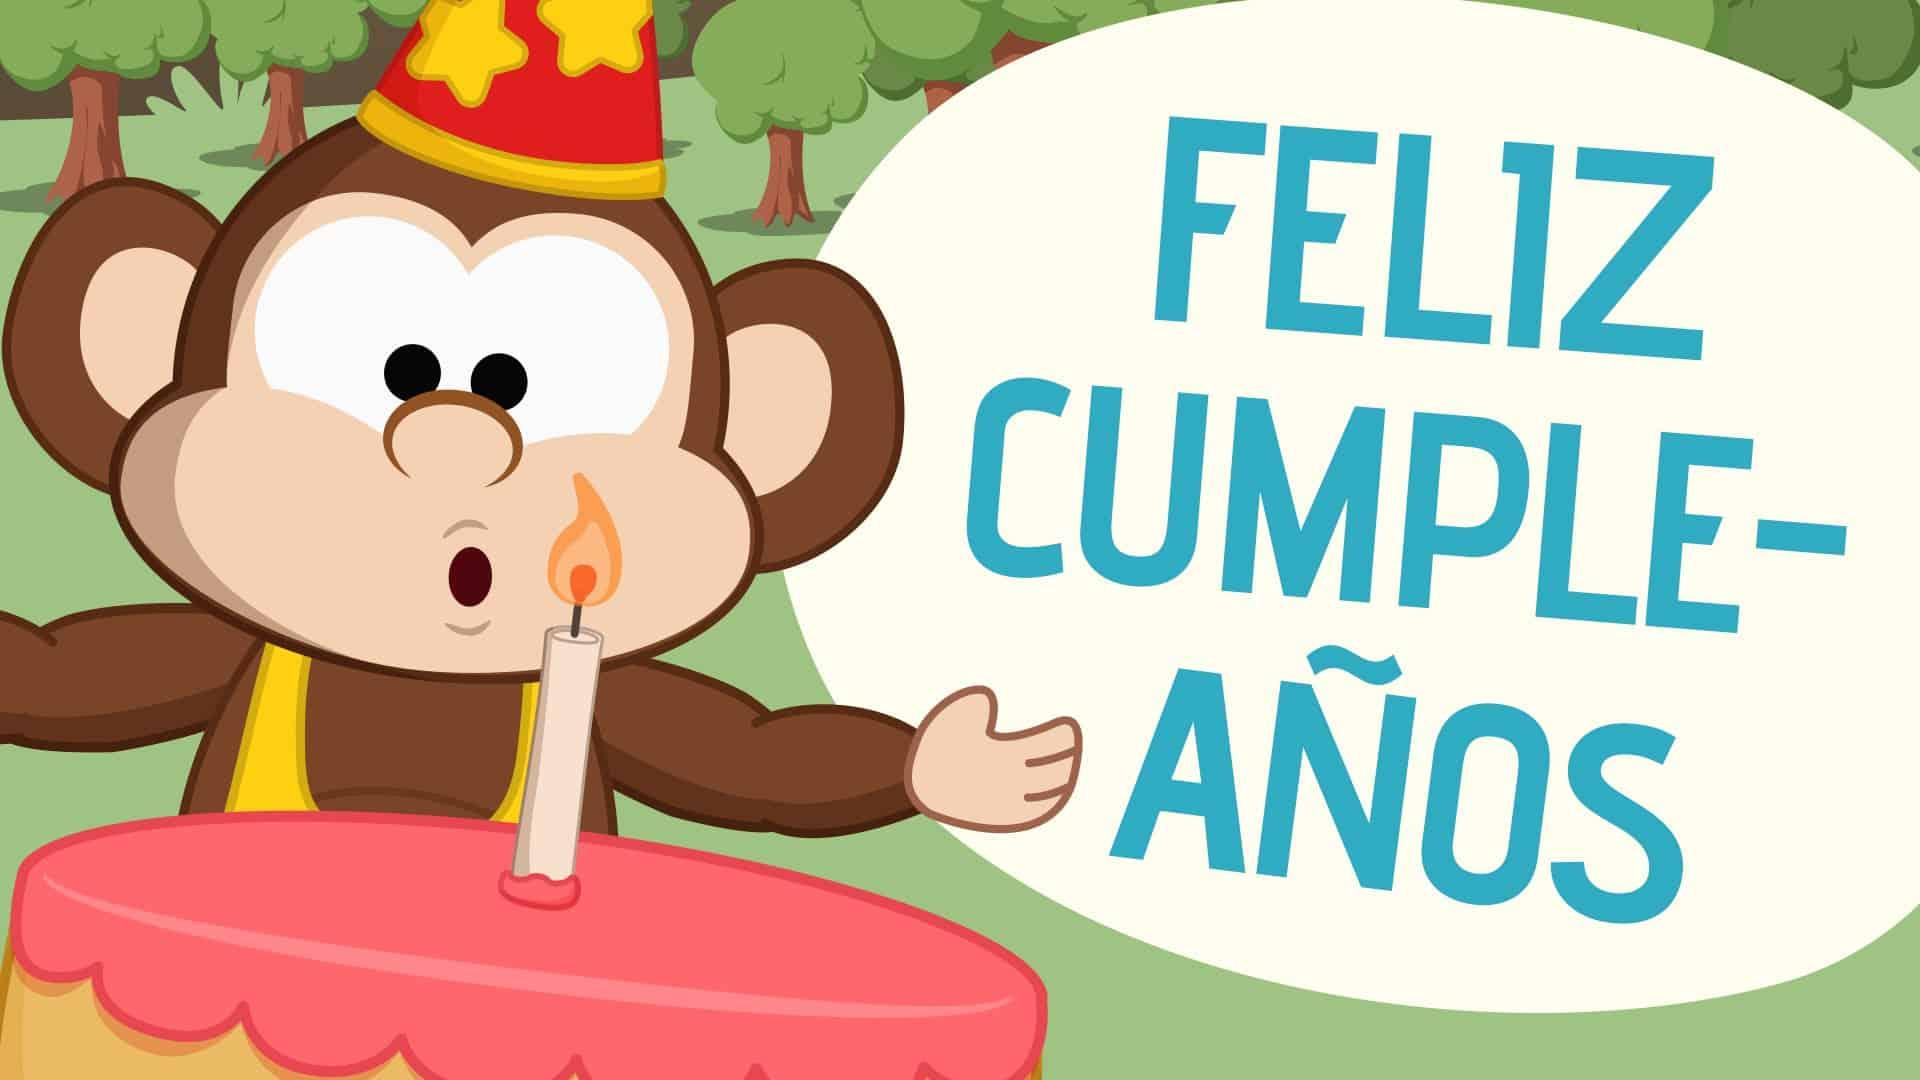 97 Imagenes De Feliz Cumpleanos Con Frases Y Mensajes De Felicitaciones